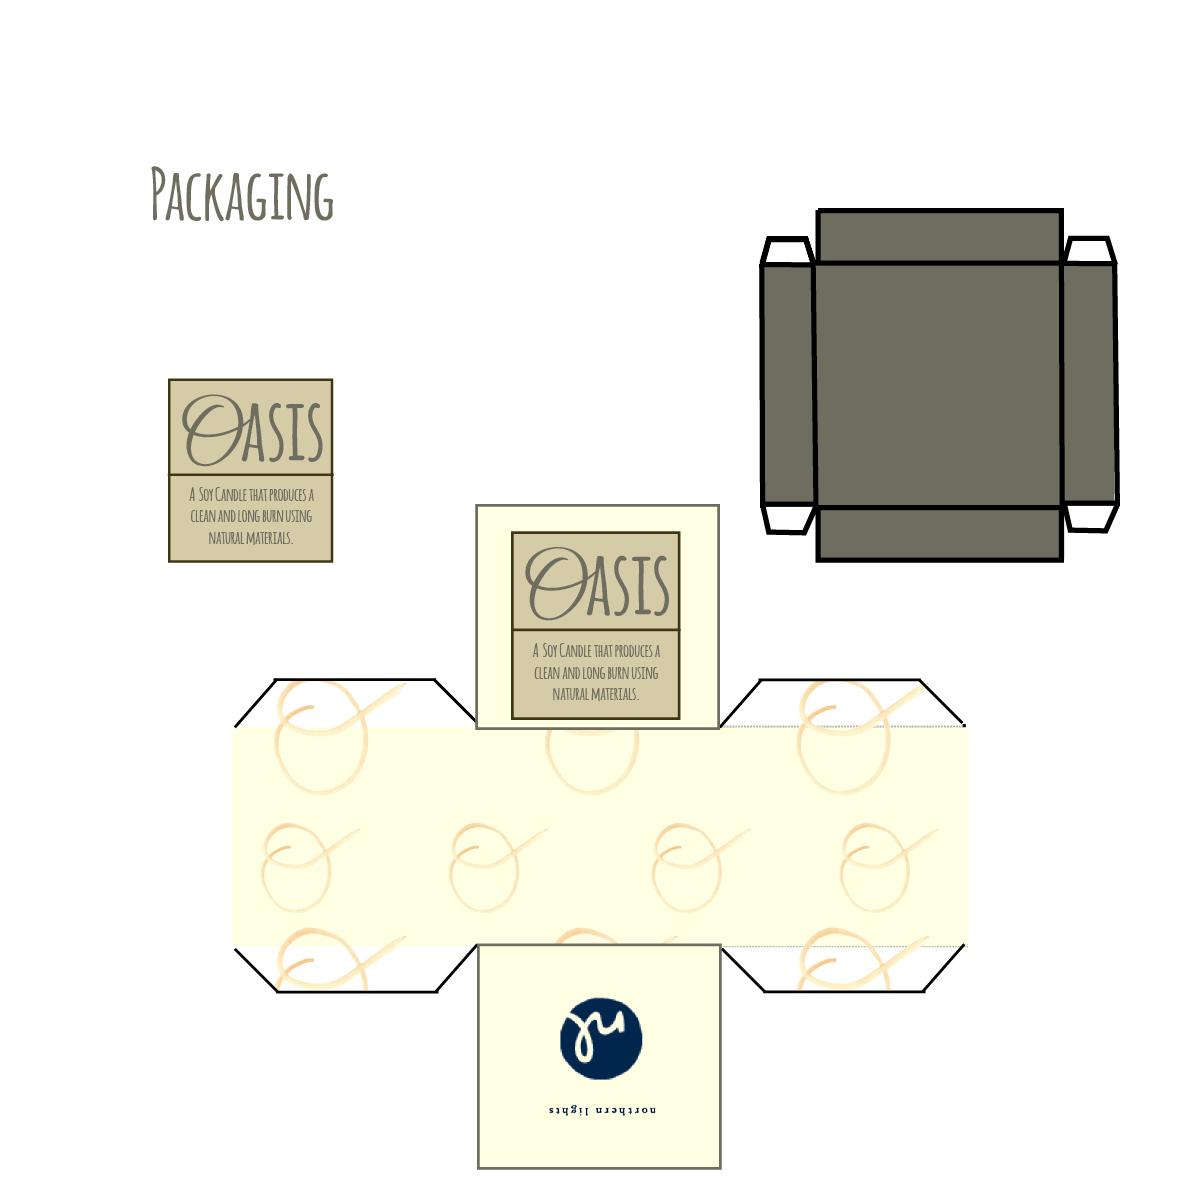 Oasis for website5.jpg